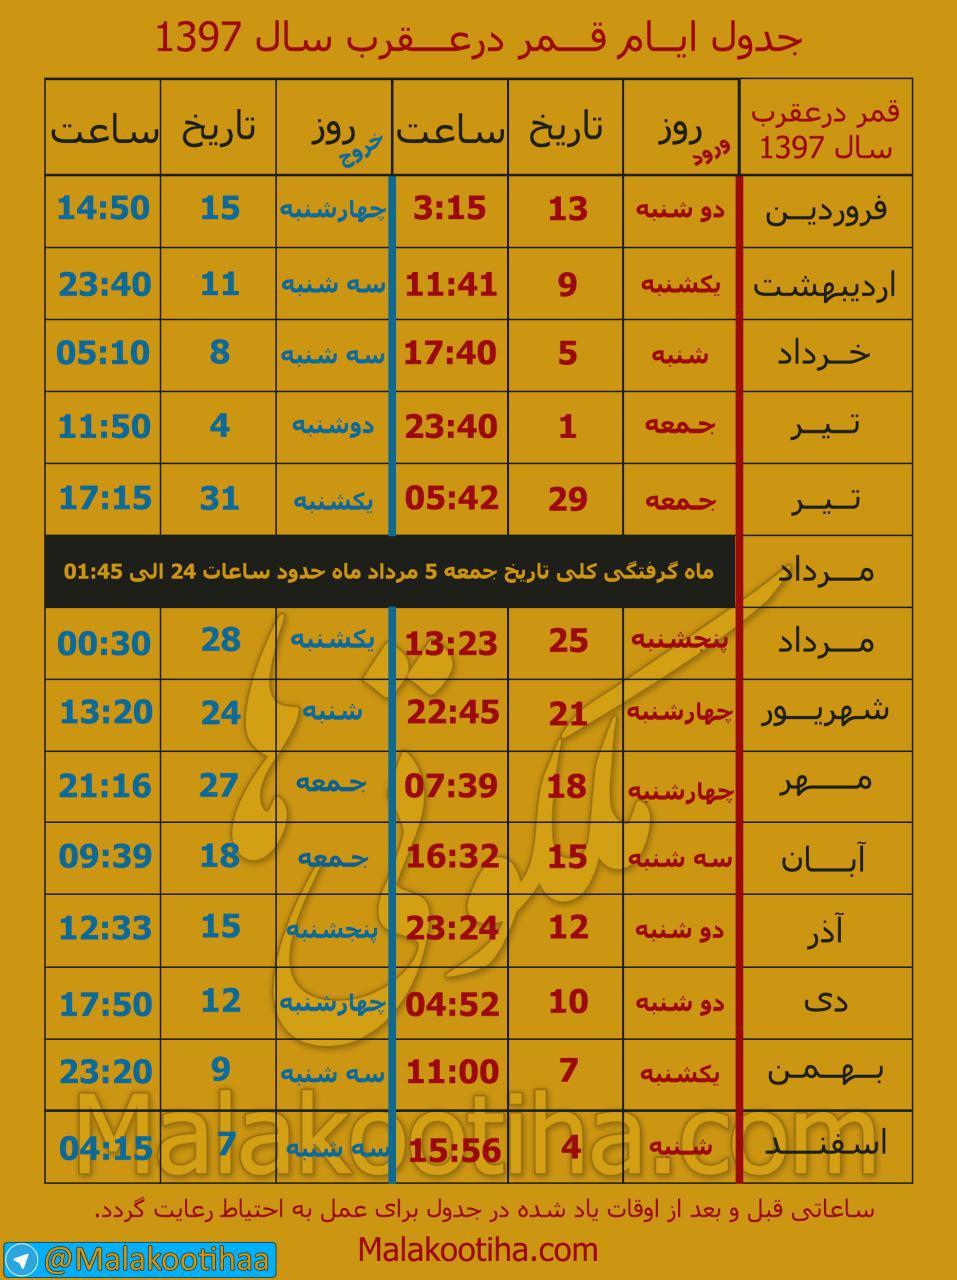 جدول و تقویم کامل روزهای قمر در عقرب سال97